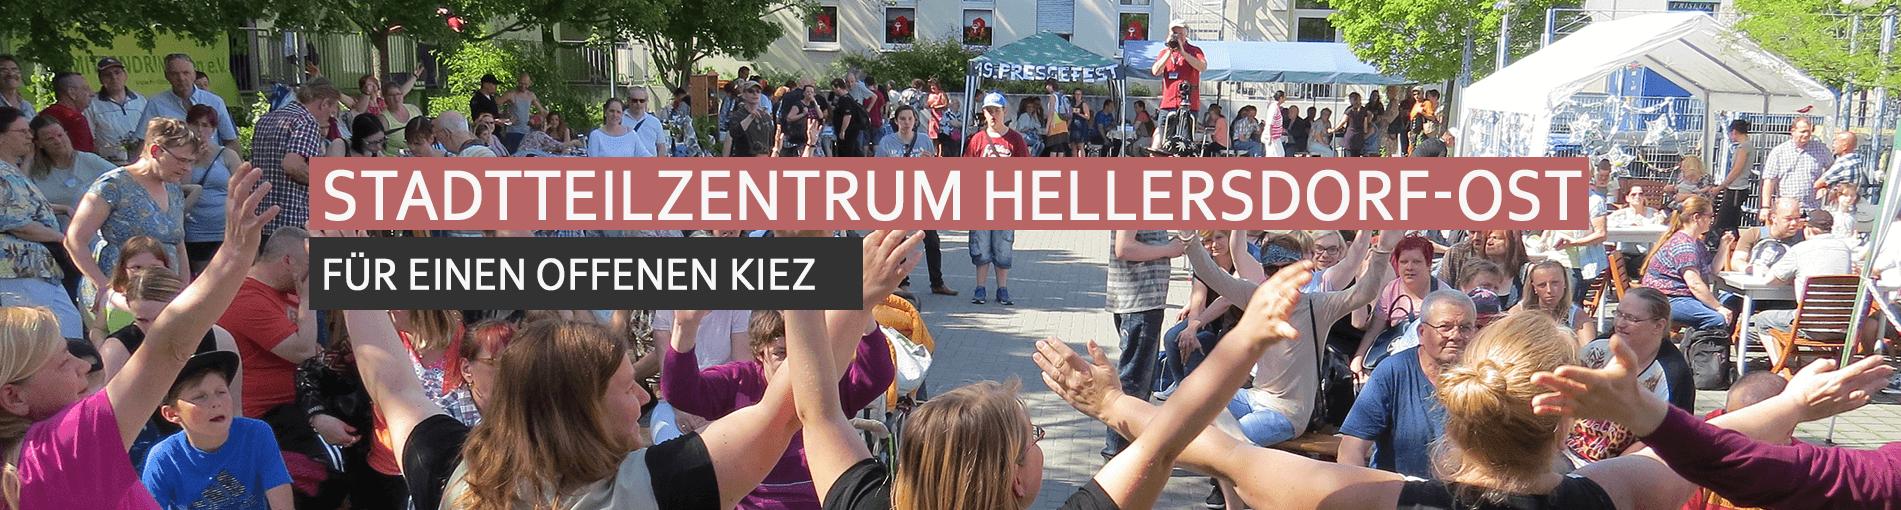 Titelbild Stadtteilzentrum Hellersdorf-Ost - Menschen feiern auf dem Hinterhof das Pressefest